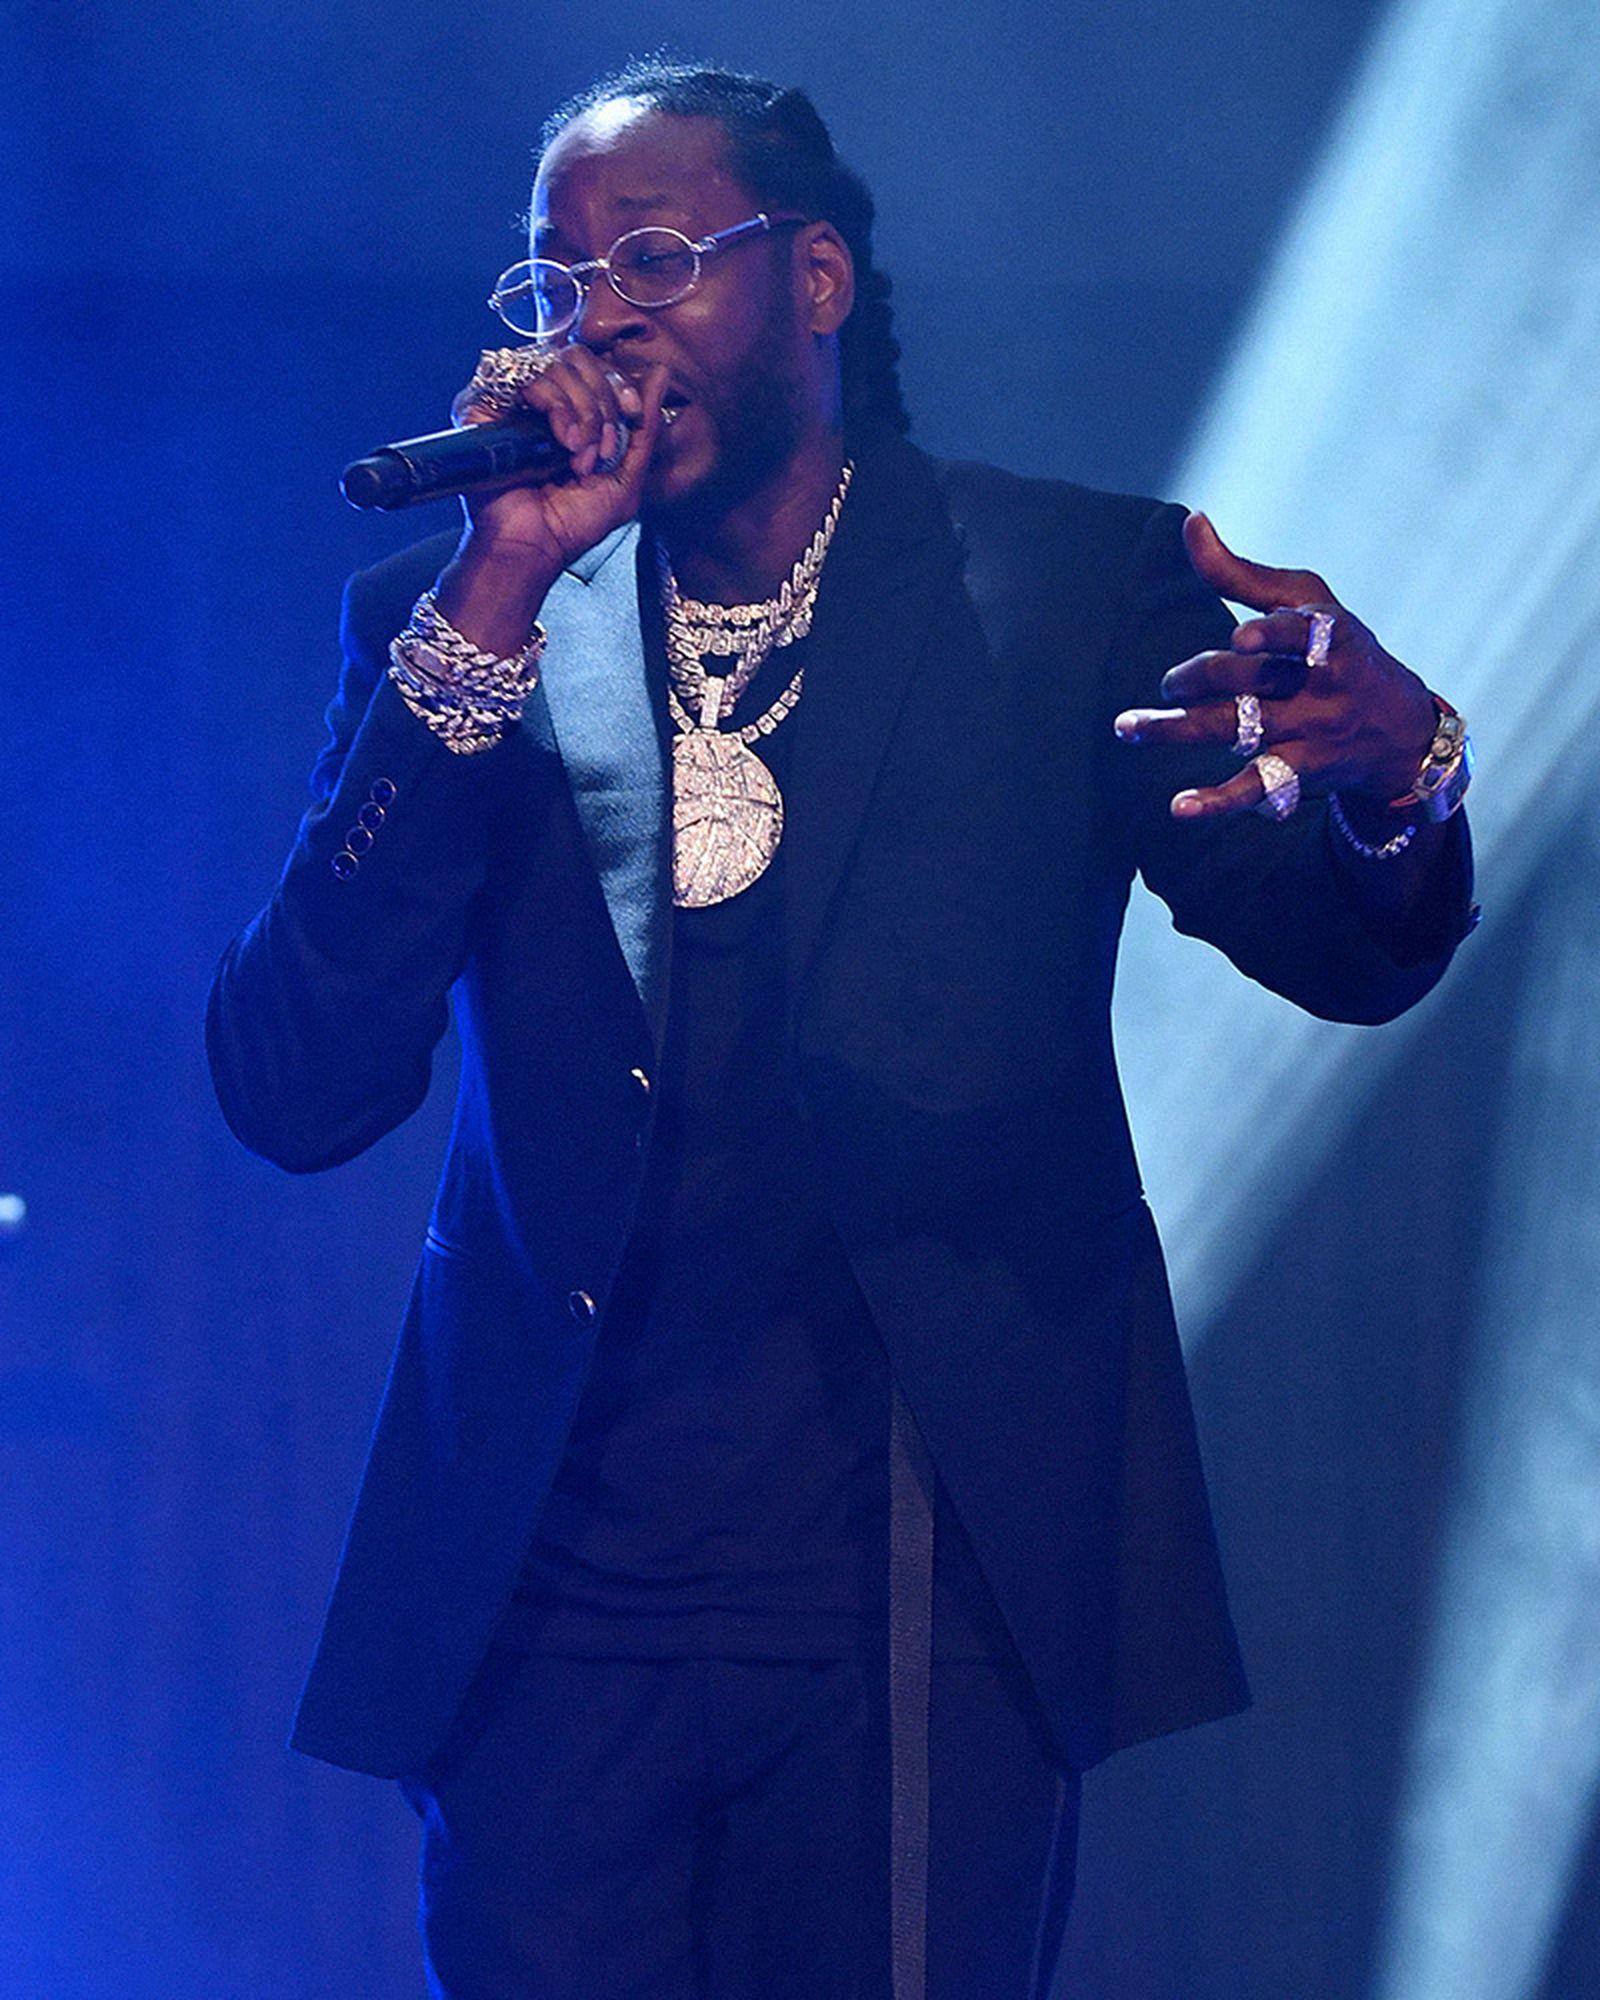 10-biggest-hip-hop-stars-got-rap-names-07